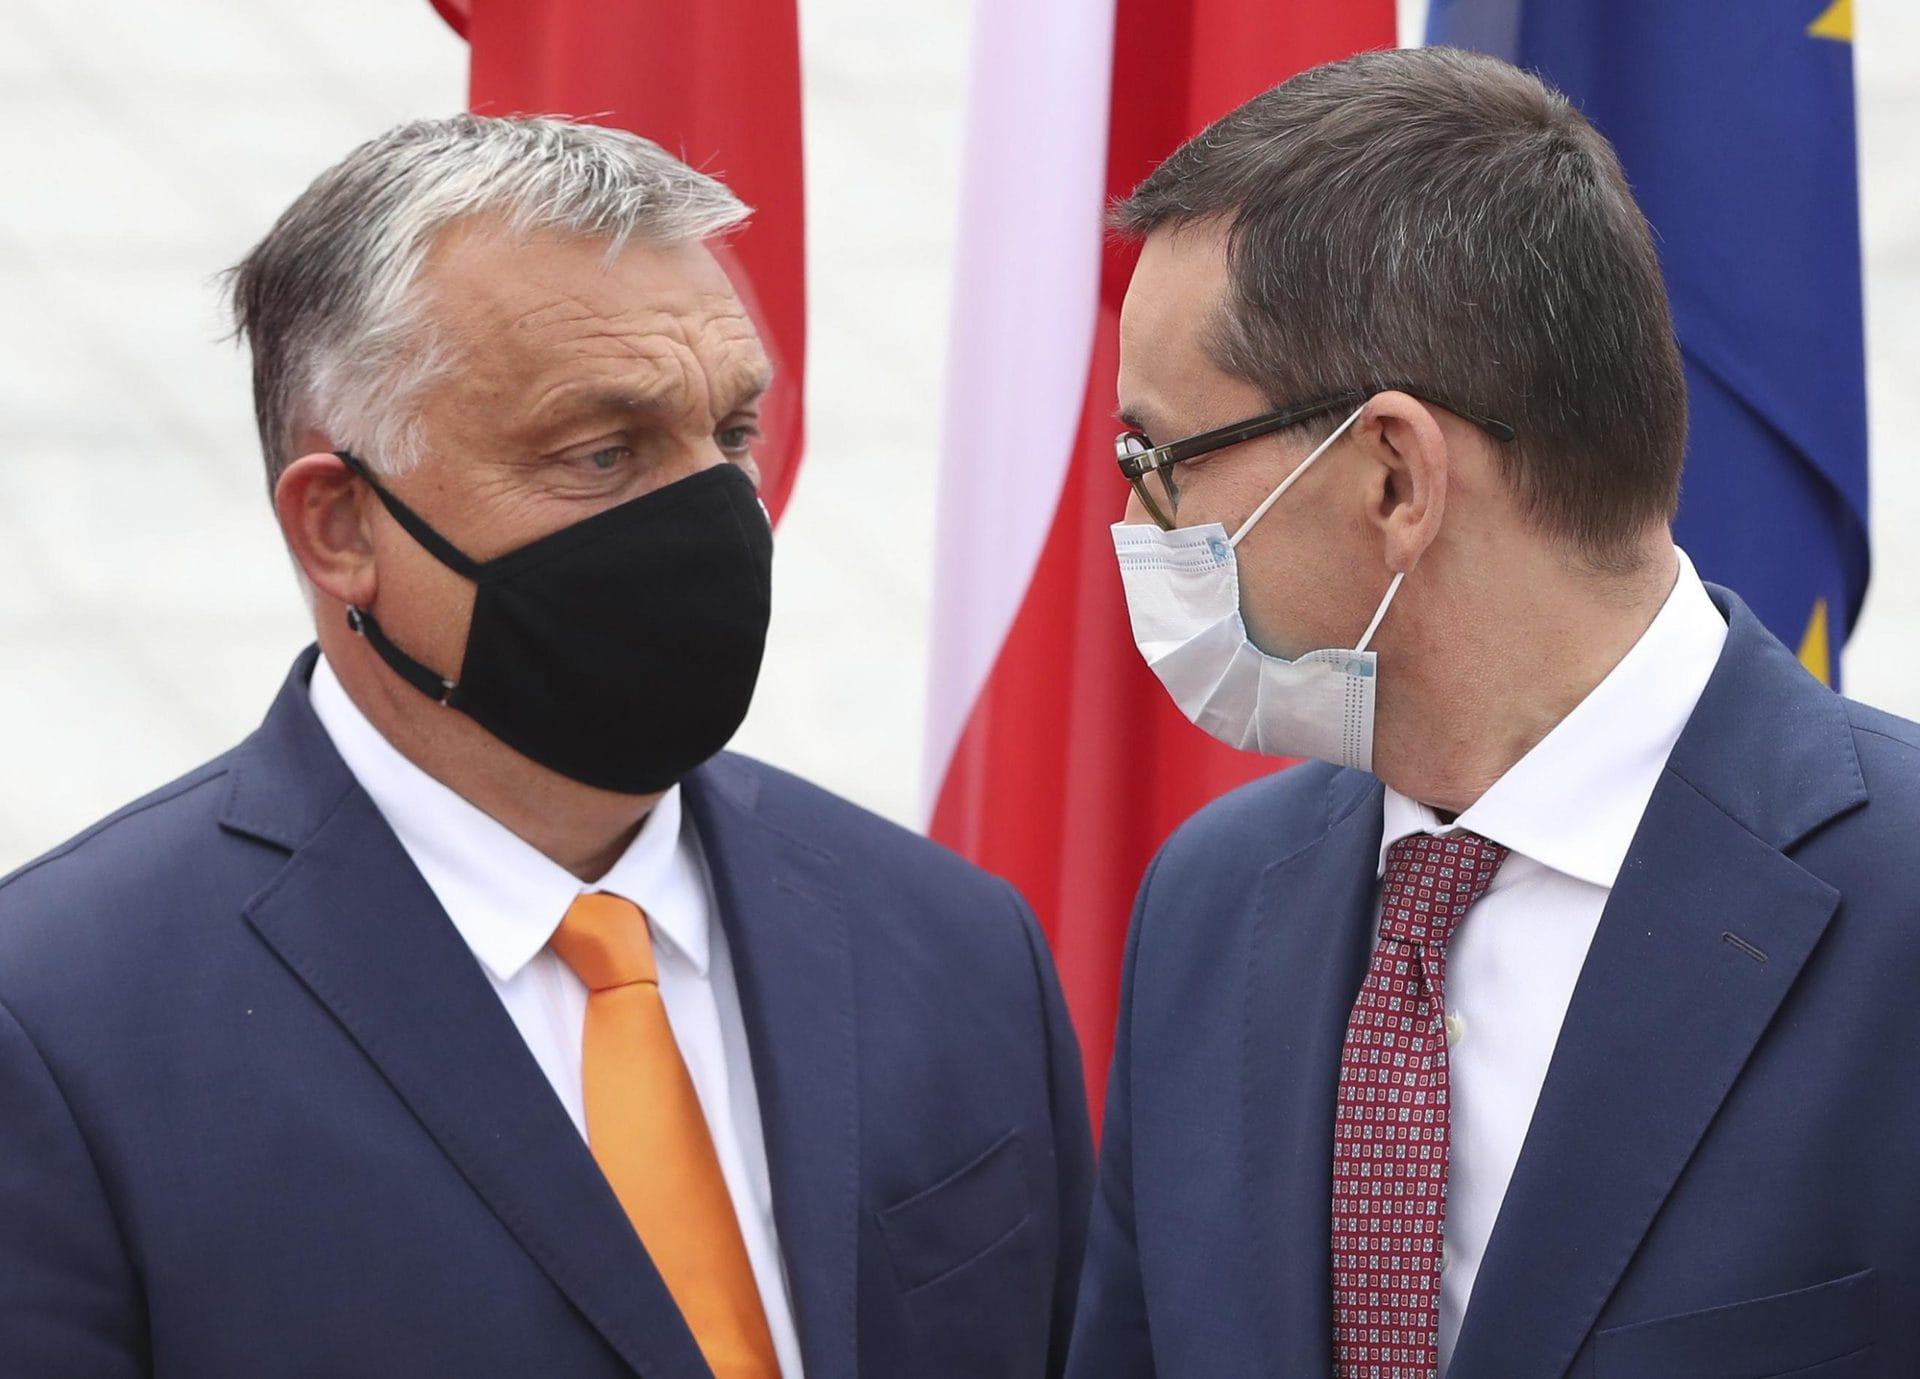 EU-Streit über Haushalt und Rechtsstaat geht weiter Videogipfel sucht Lösung